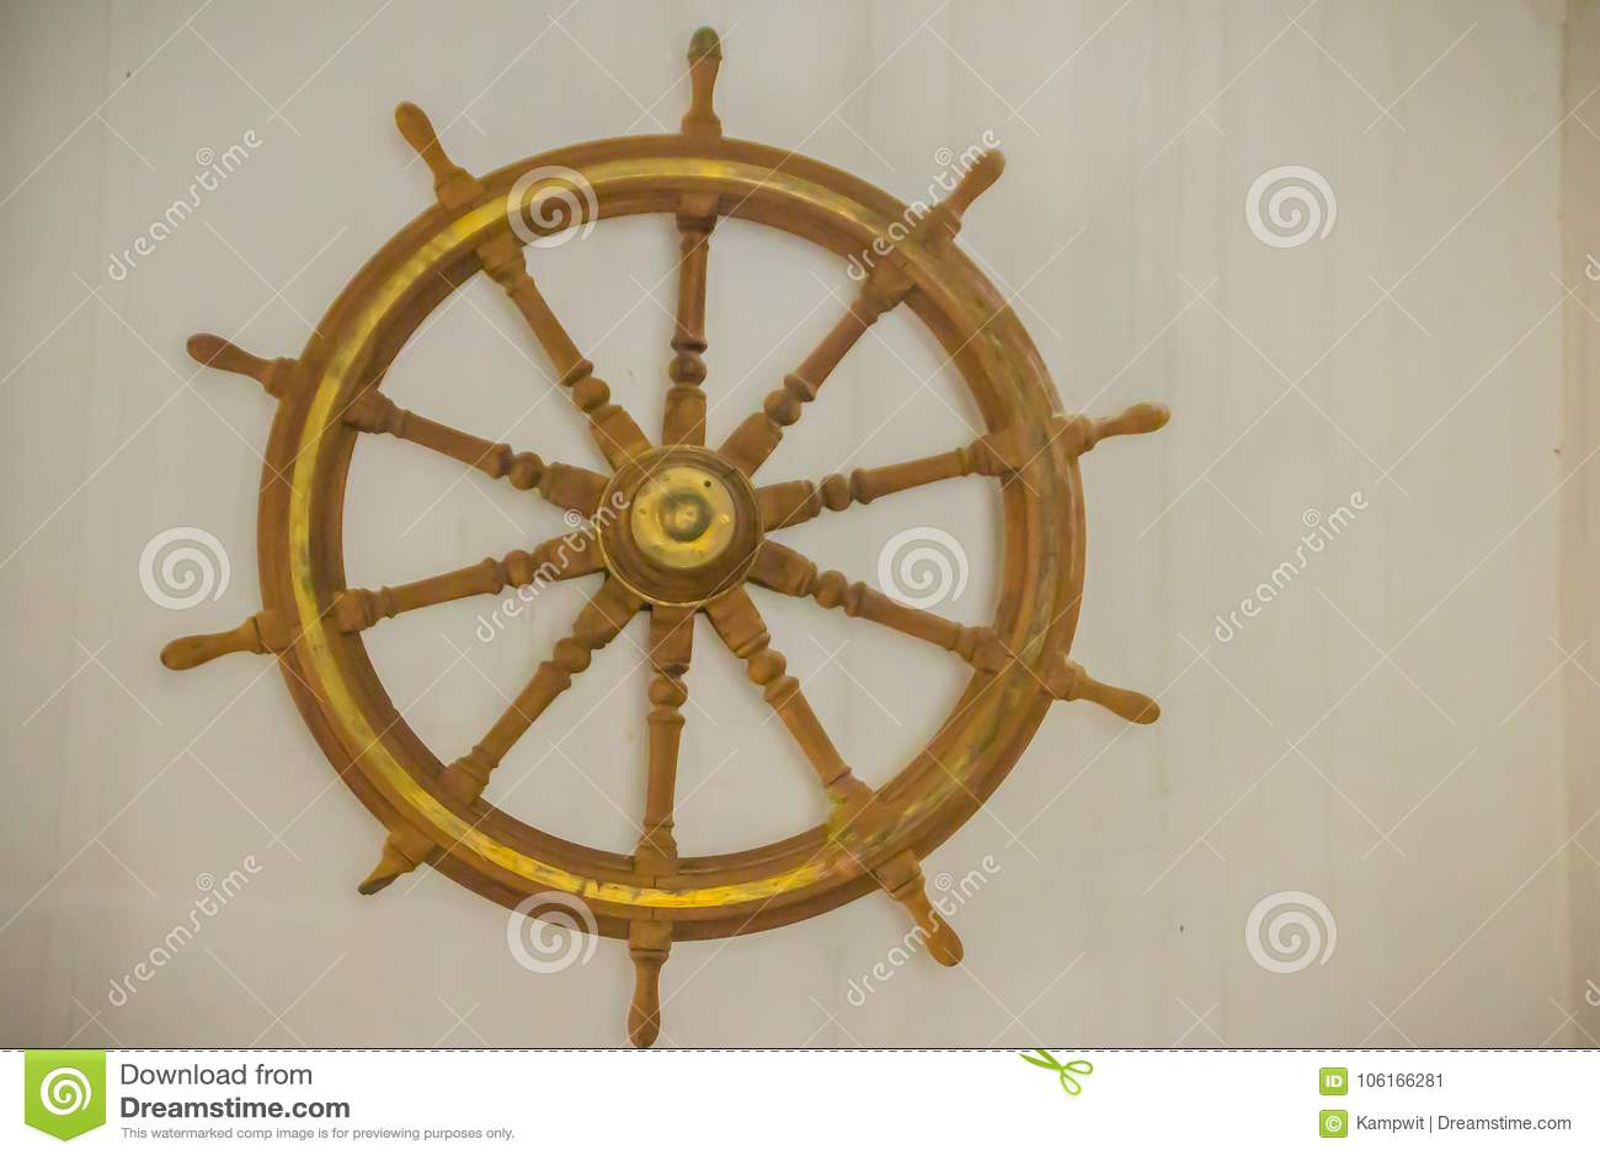 Εκλεκτής ποιότητας παλαιό ξύλινο τιμόνι σκαφών στο δημόσιο ναυτικό museu